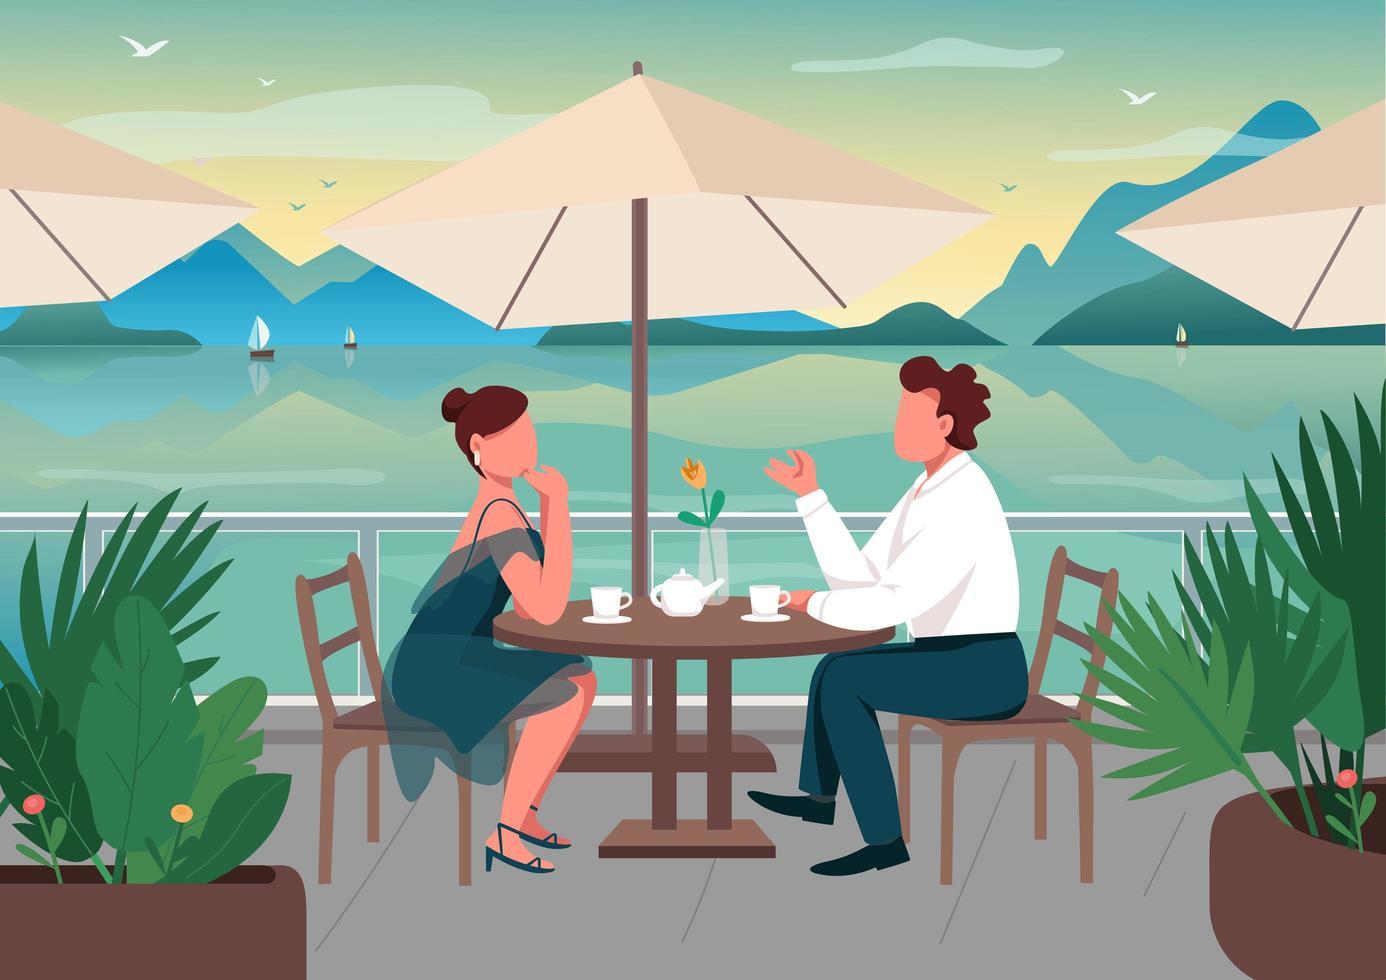 rendez-vous romantique à la station balnéaire vecteur